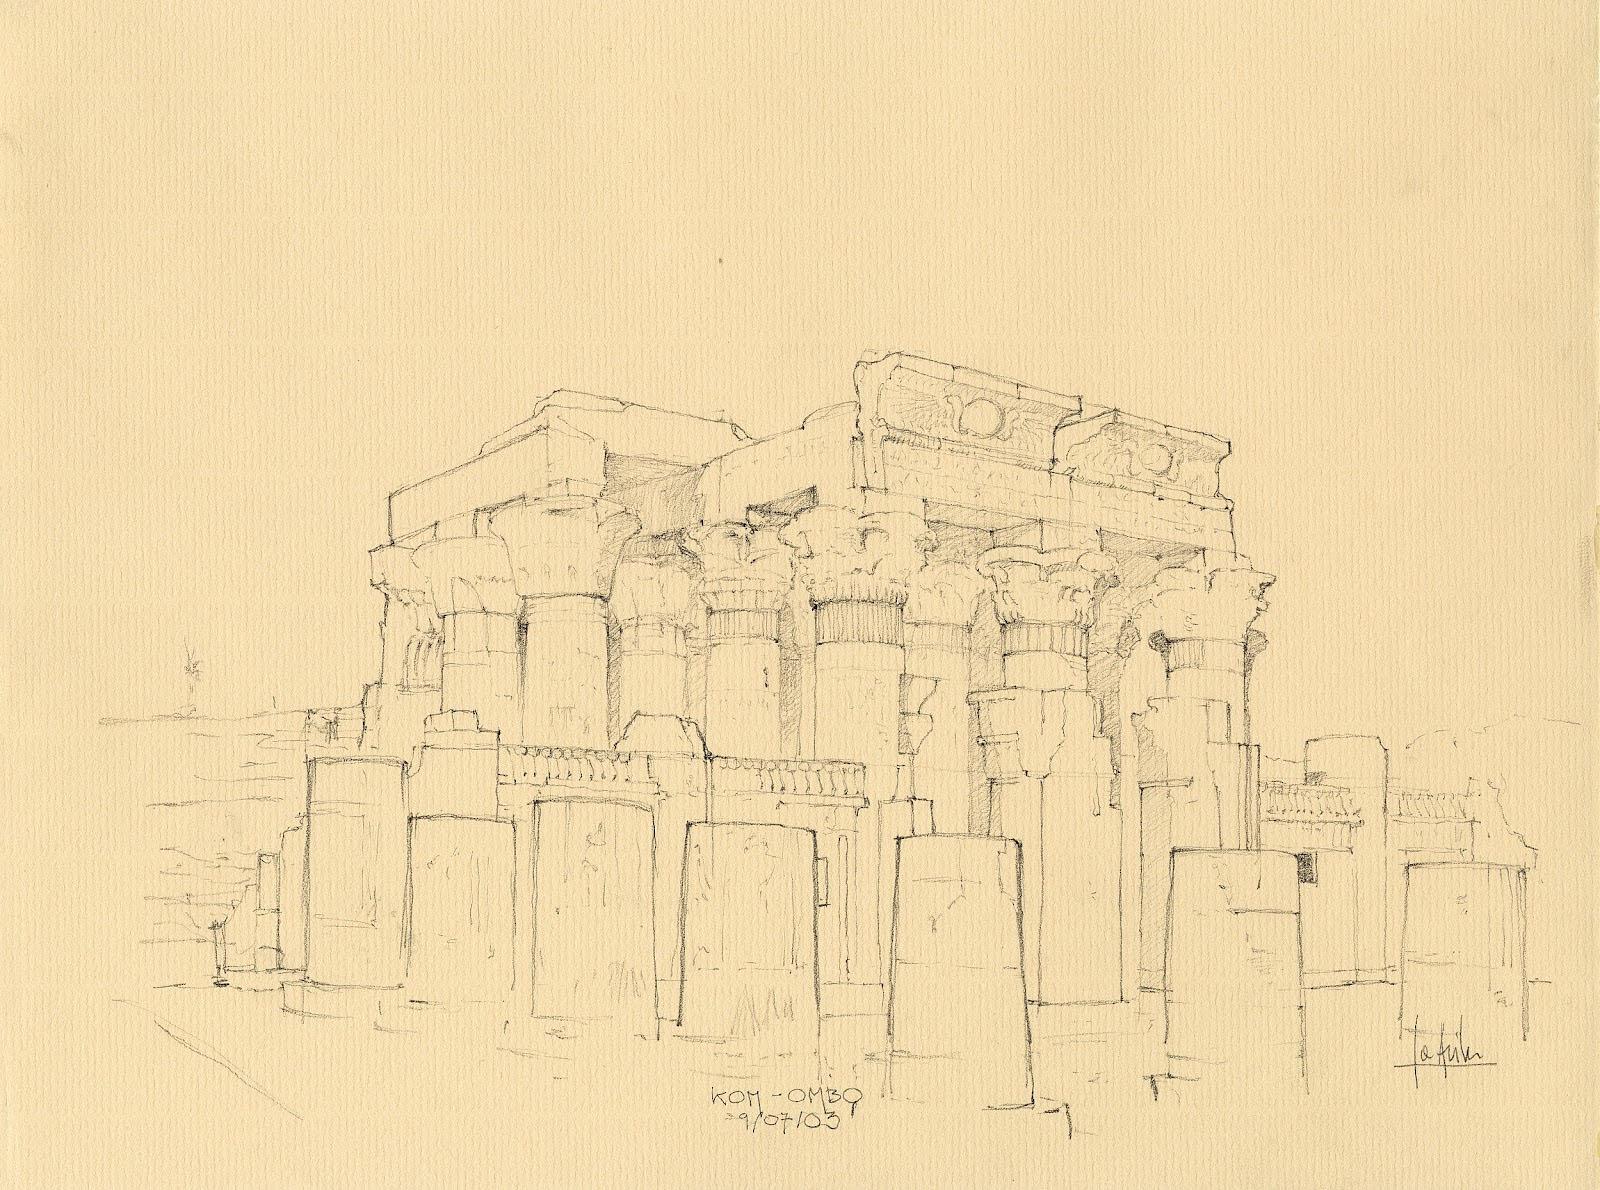 josmaraacilu-sketchbooks-skechtravelsexhibition-2